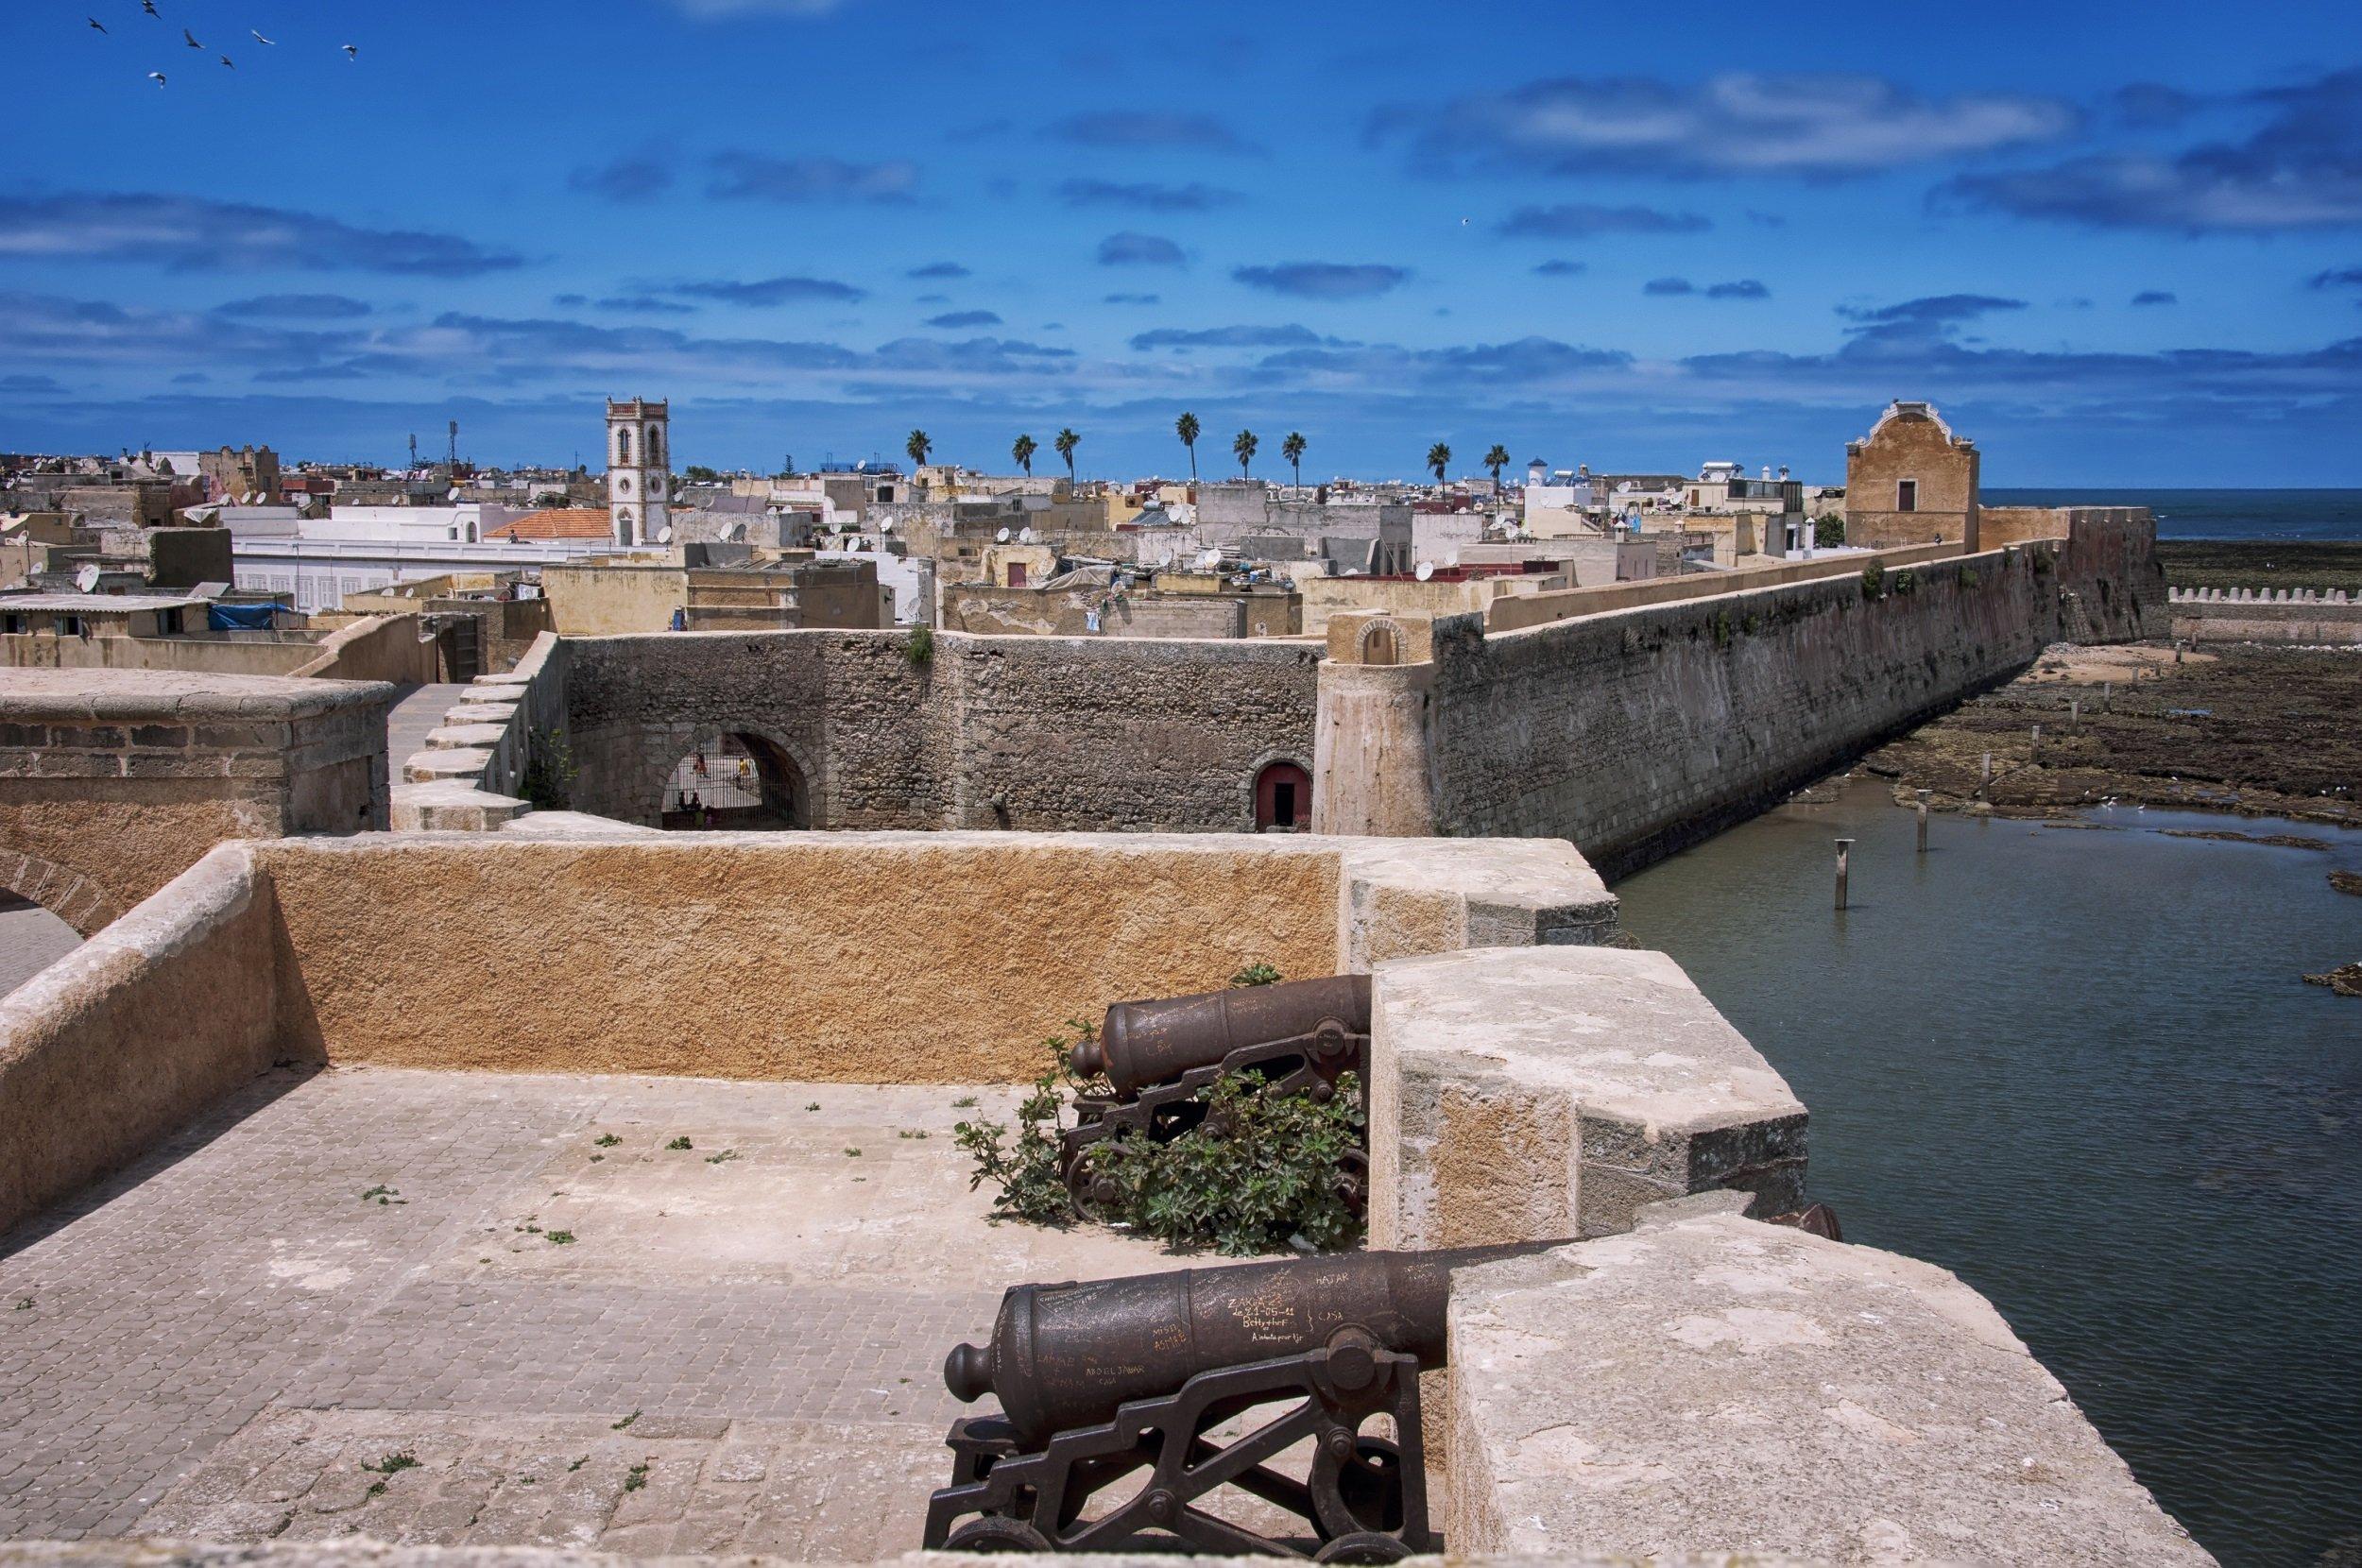 El Jadida Private Tour From Casablanca (5)